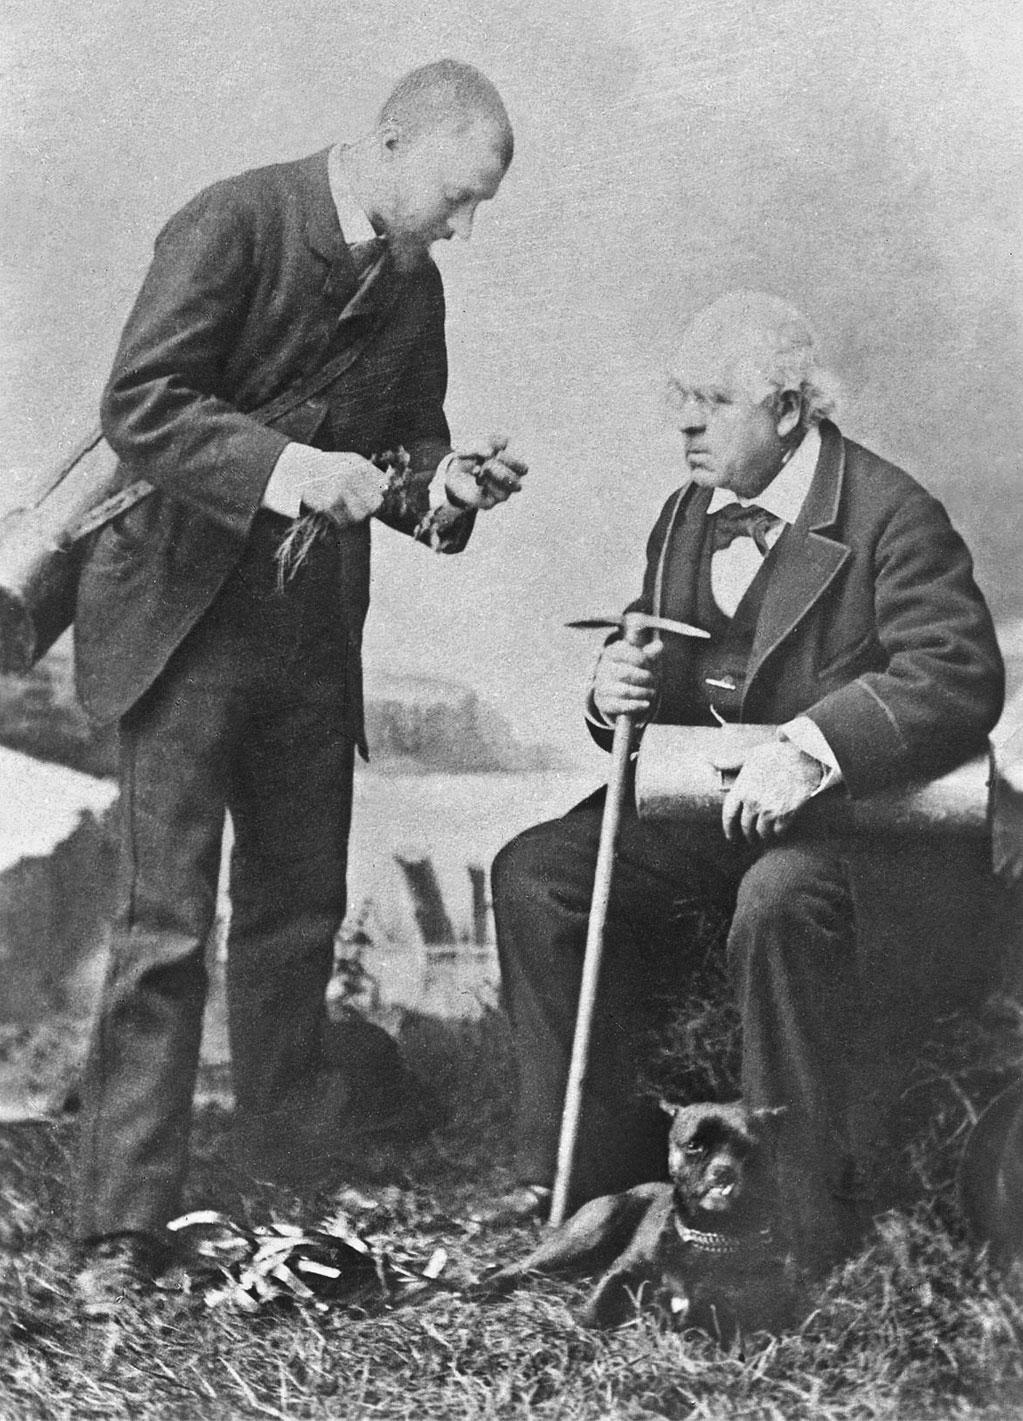 Ici en 1887, les botanistes montpelliérains Flahaut et BarrandonIci en 1887, les botanistes montpelliérains Flahaut et Barrandon